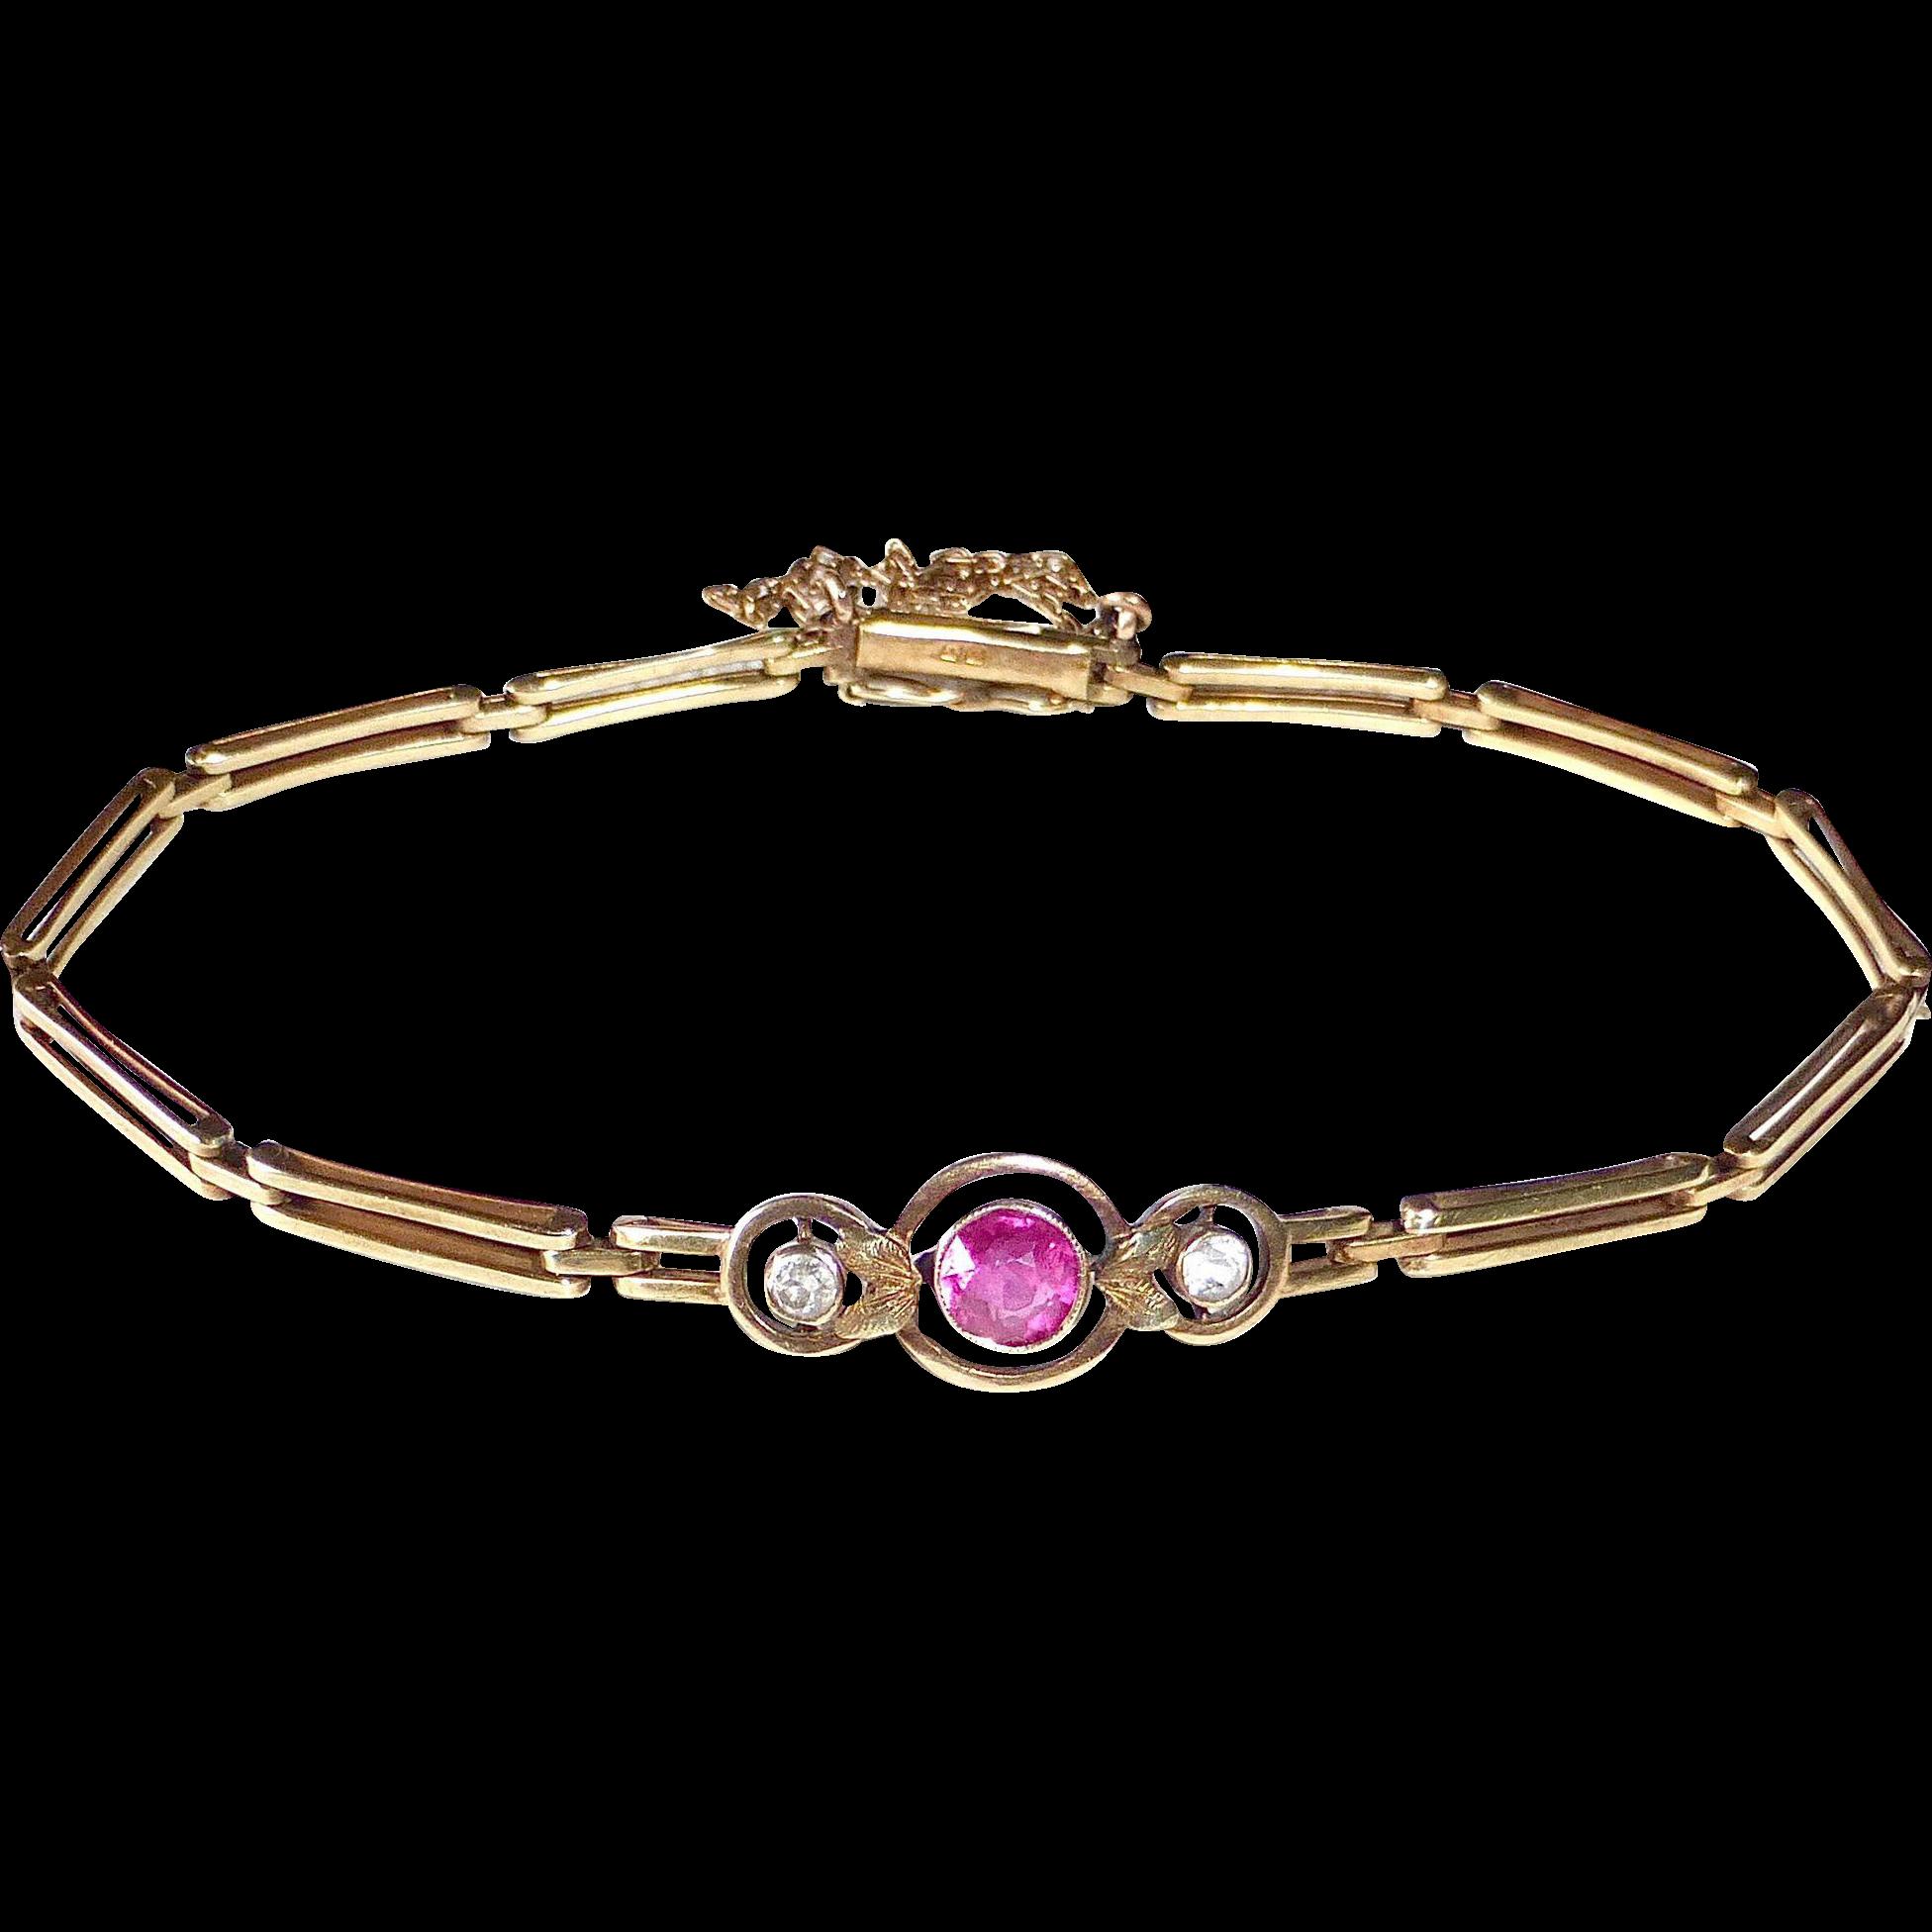 14k Antique Rose Gold Link Bracelet Paste Stones